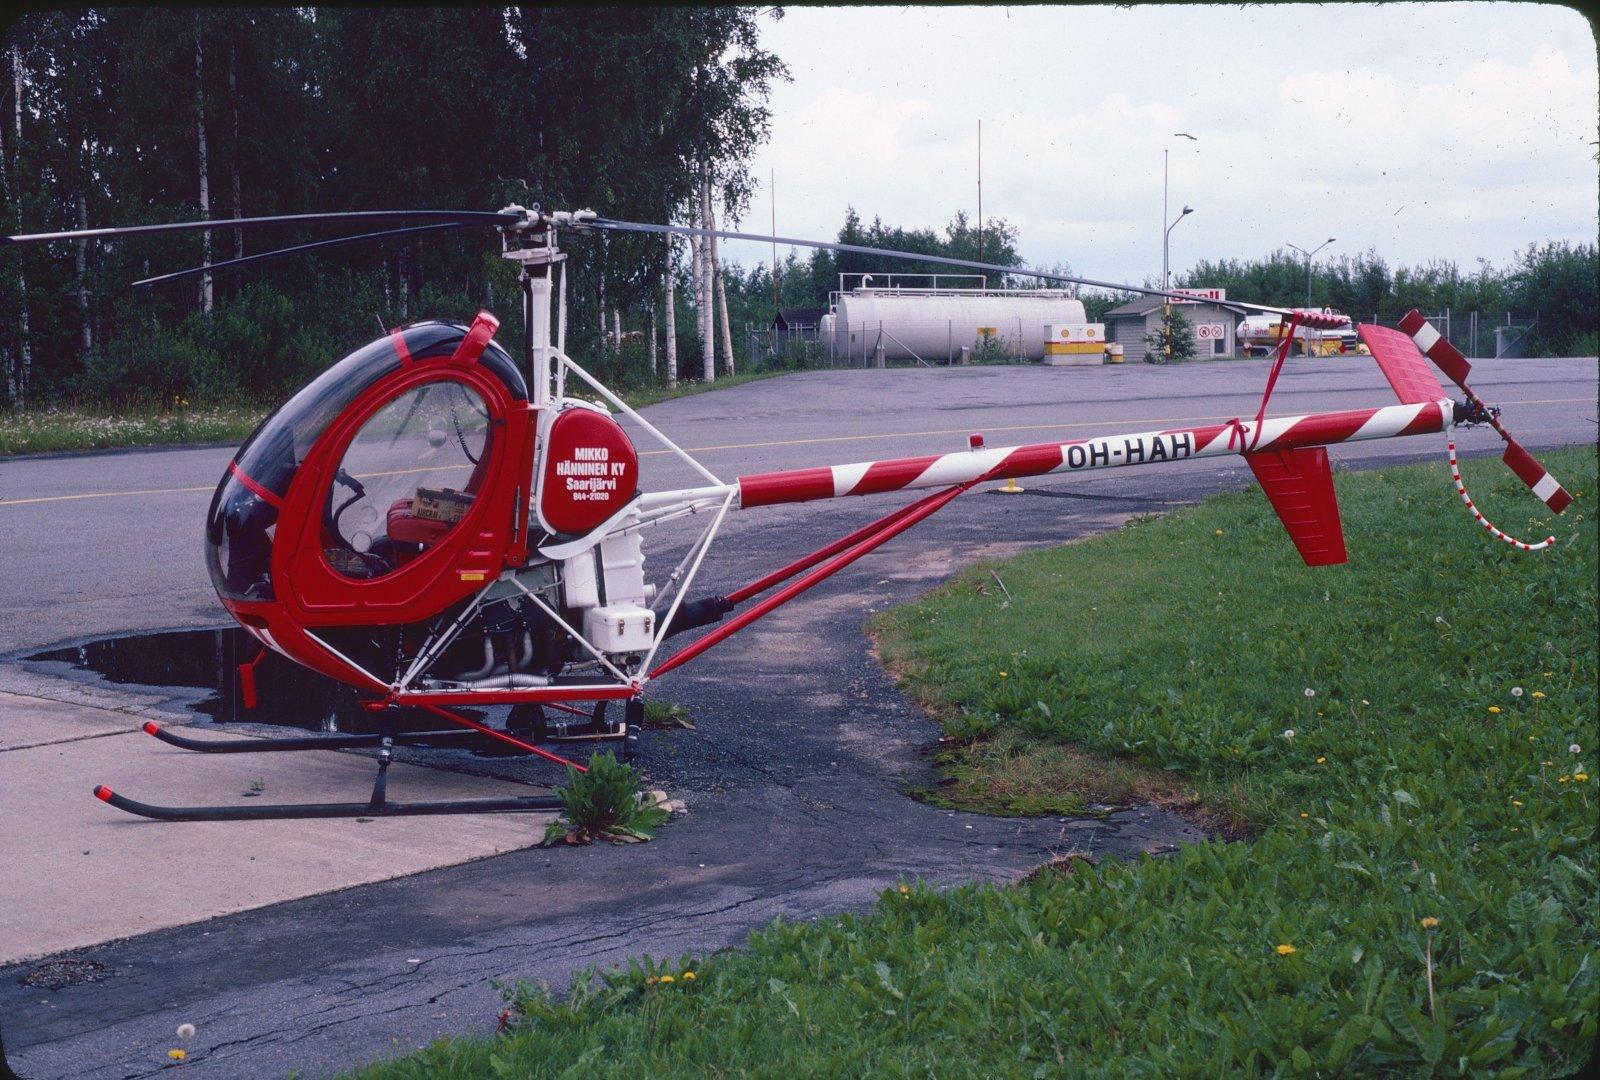 Hughes 300-269C OH-HAH EFKU 1981